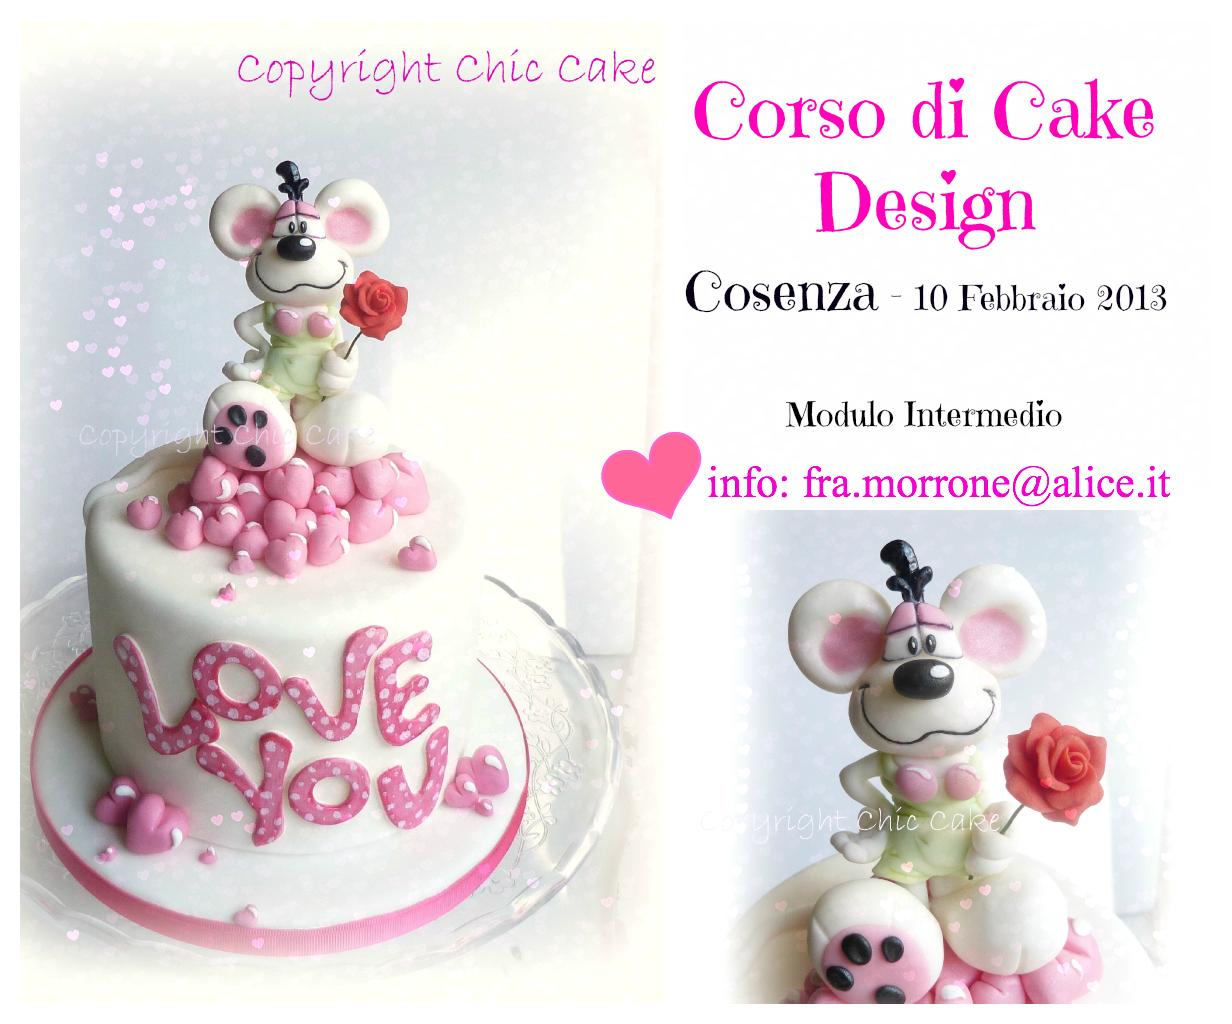 Corso Cake design San Valentino - Cosenza da Chic Cake su ...